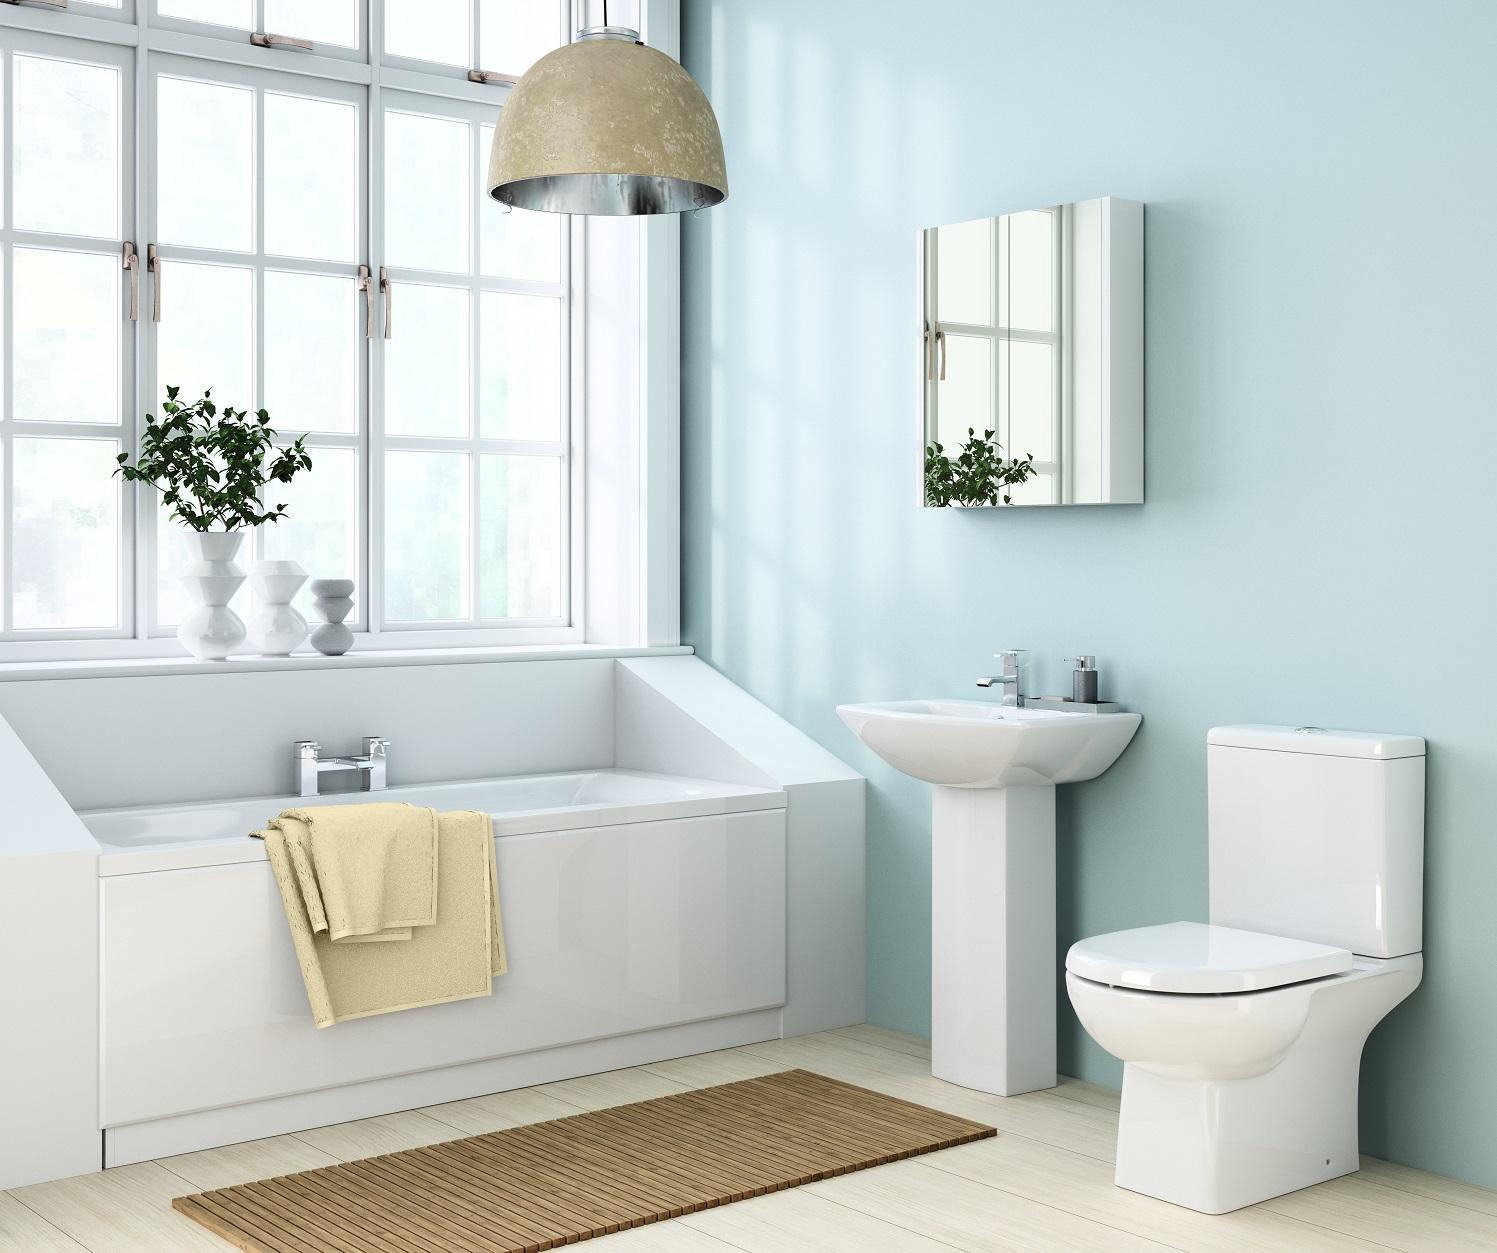 The Bathroom Suites Buyer\'s Guide | Big Bathroom Shop